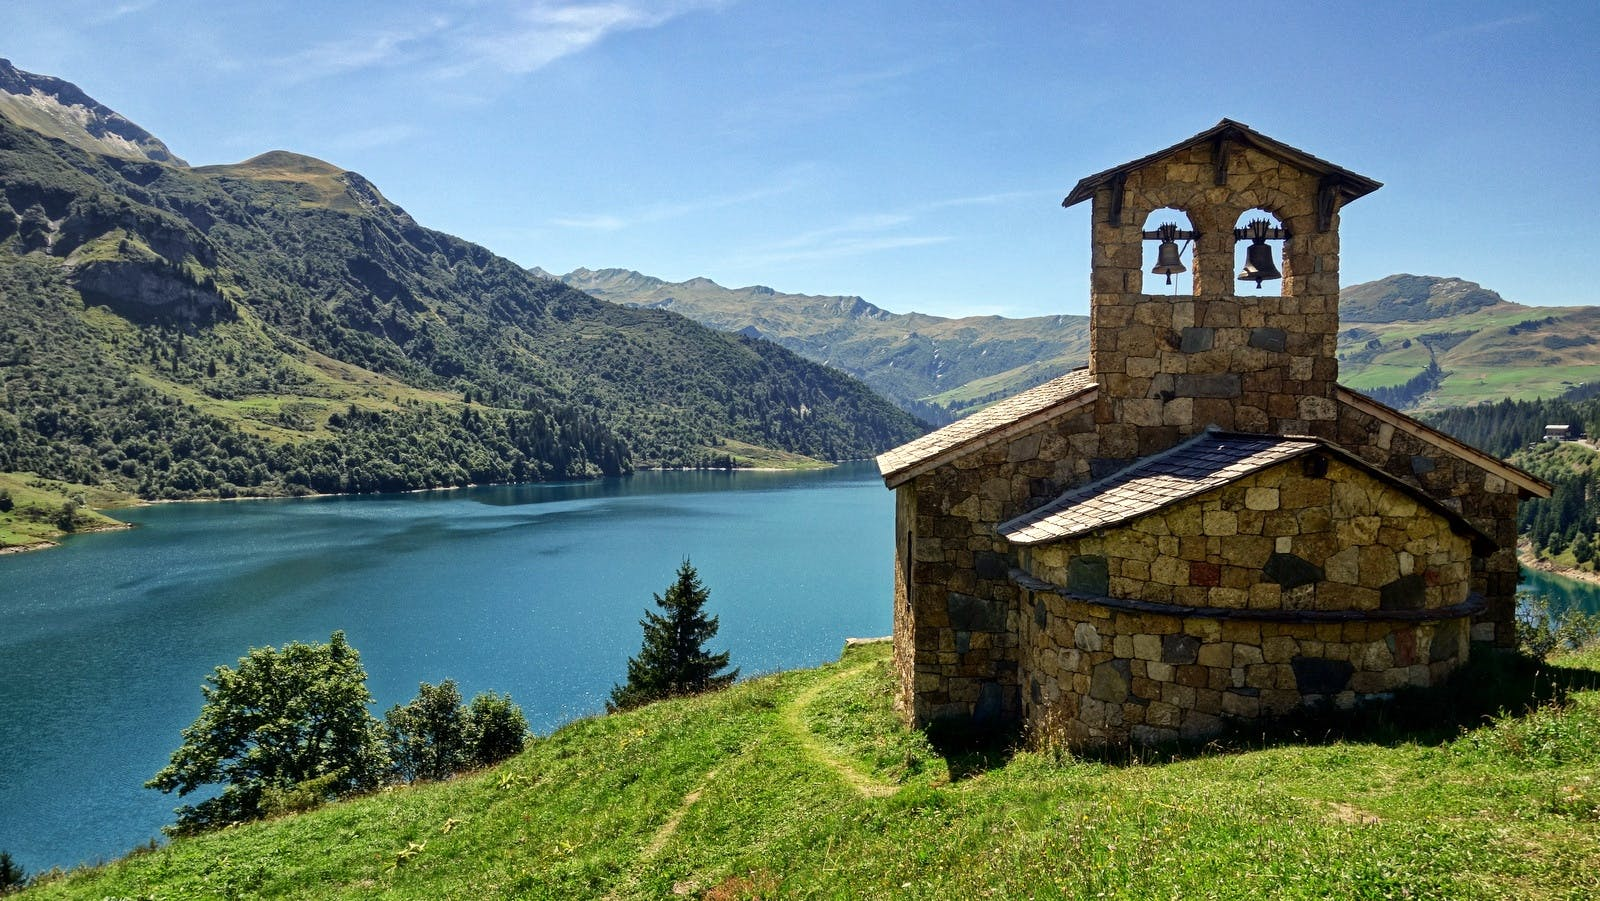 丘, 山, 建物, 建築の無料の写真素材